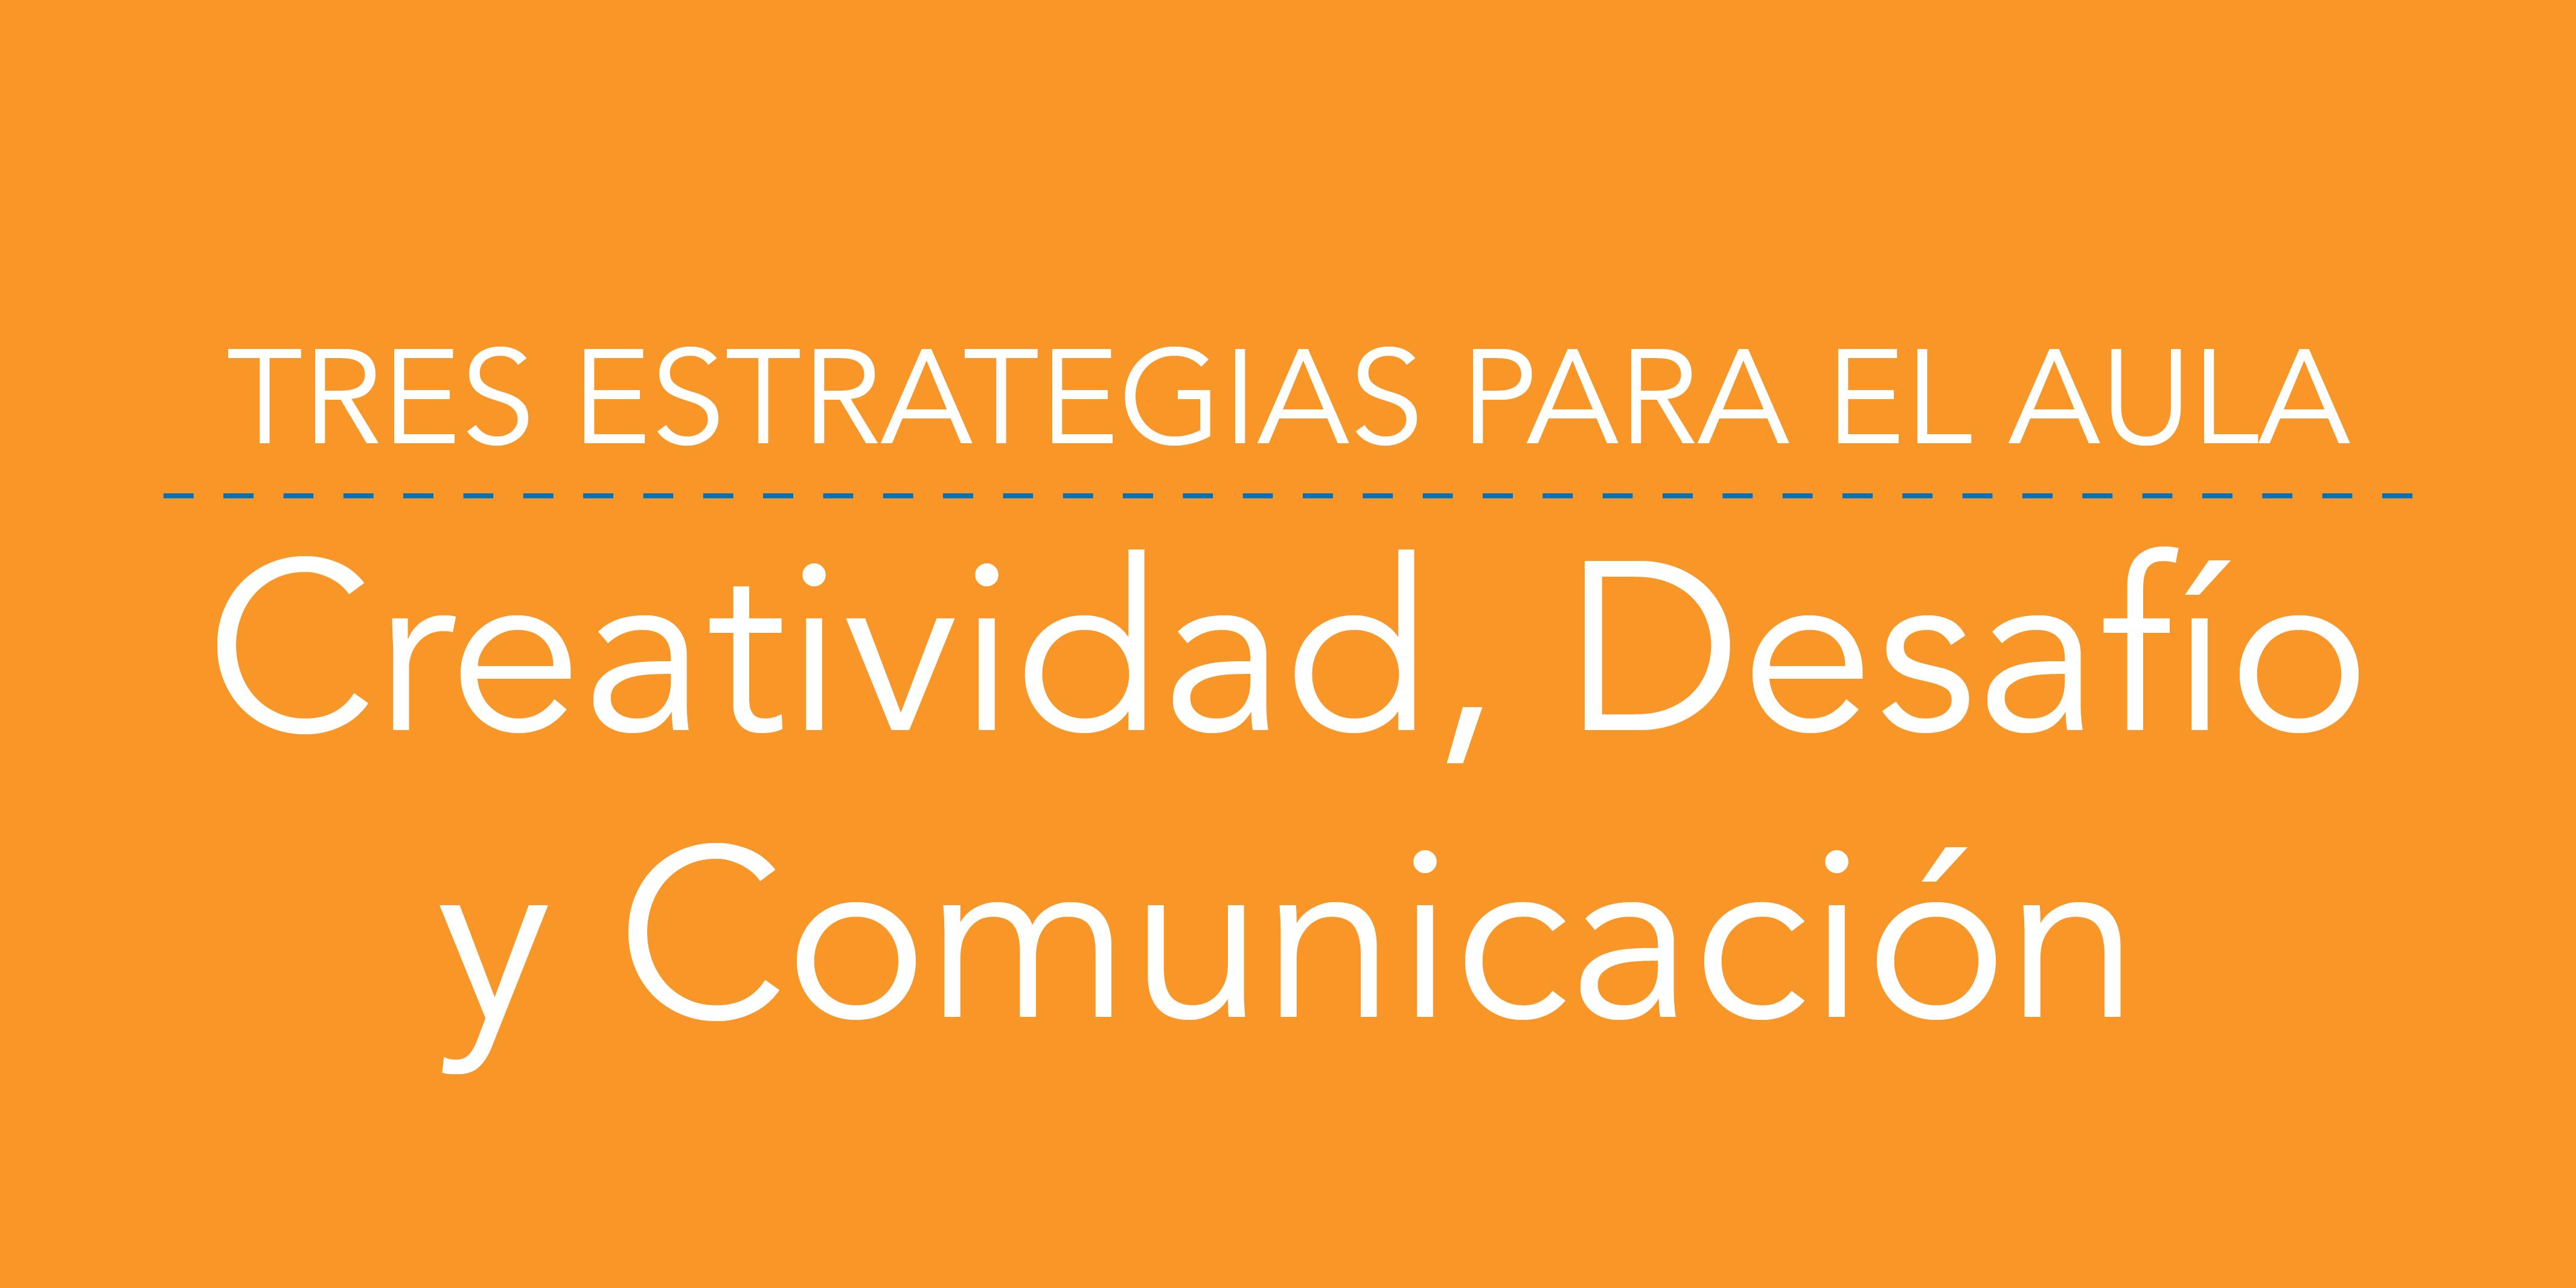 Tres Estrategias para el Aula: Creatividad, Desafío y Comunicación